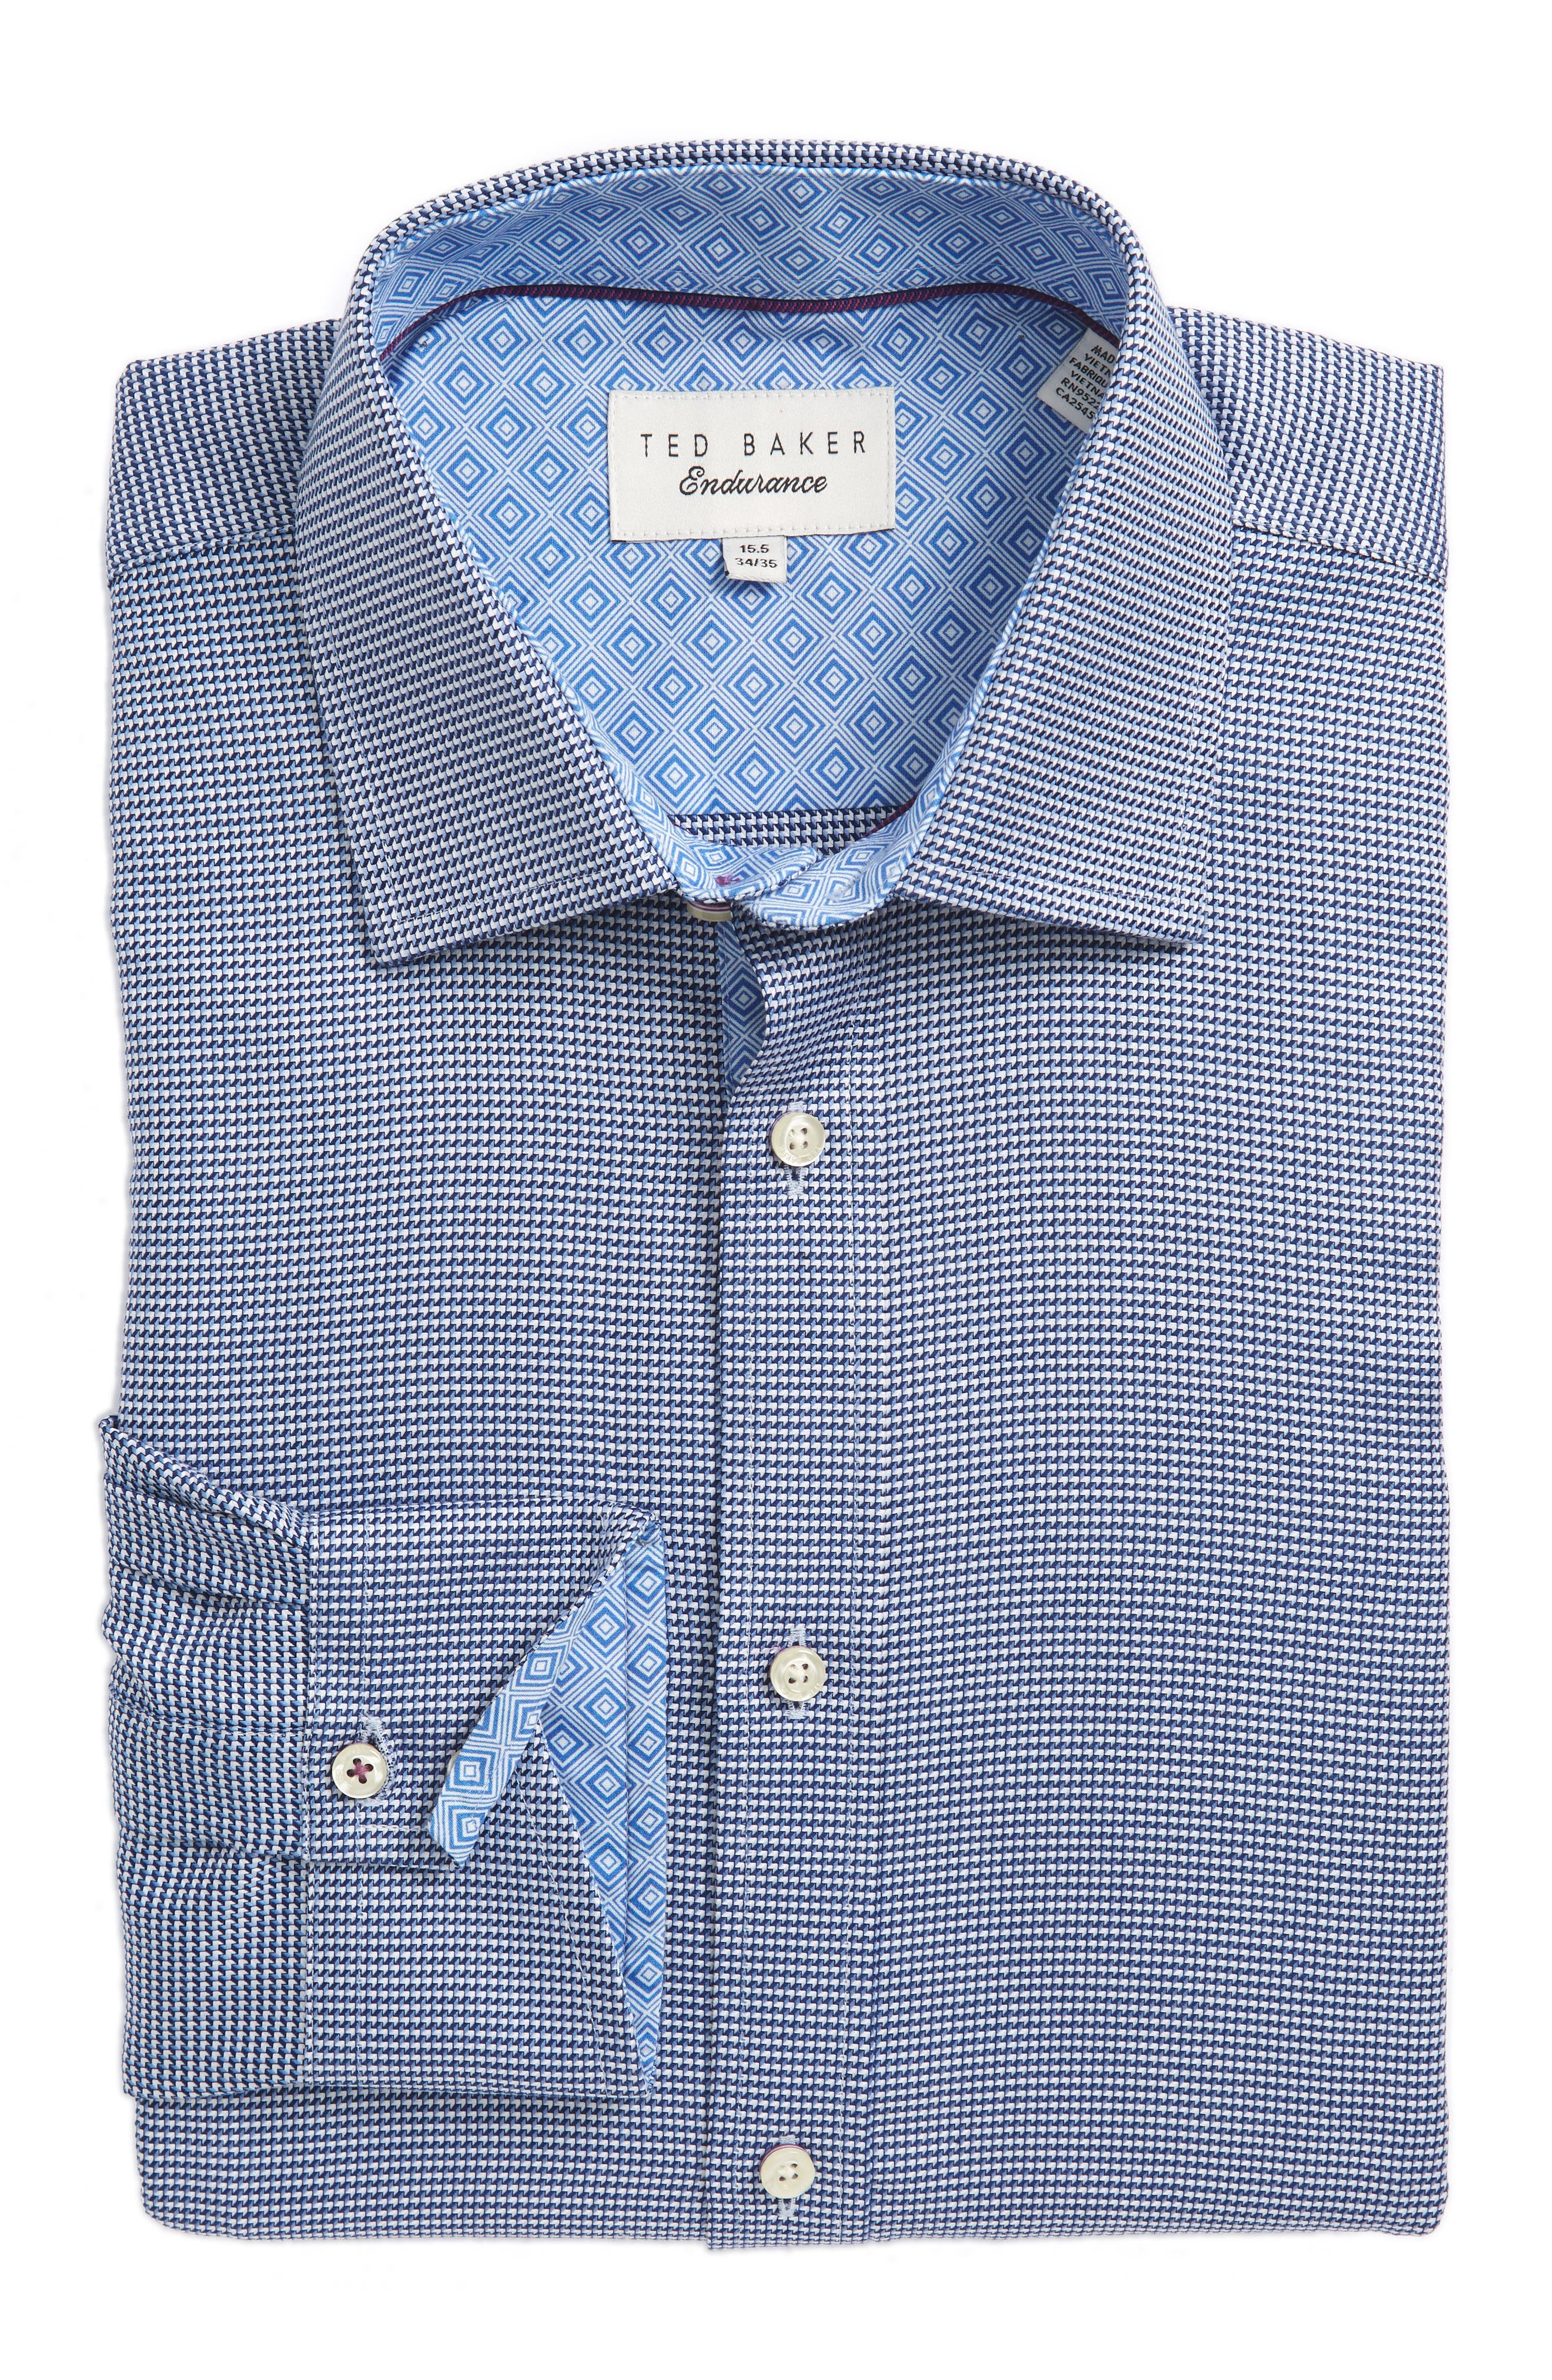 Chimy Trim Fit Geometric Dress Shirt,                         Main,                         color, Blue